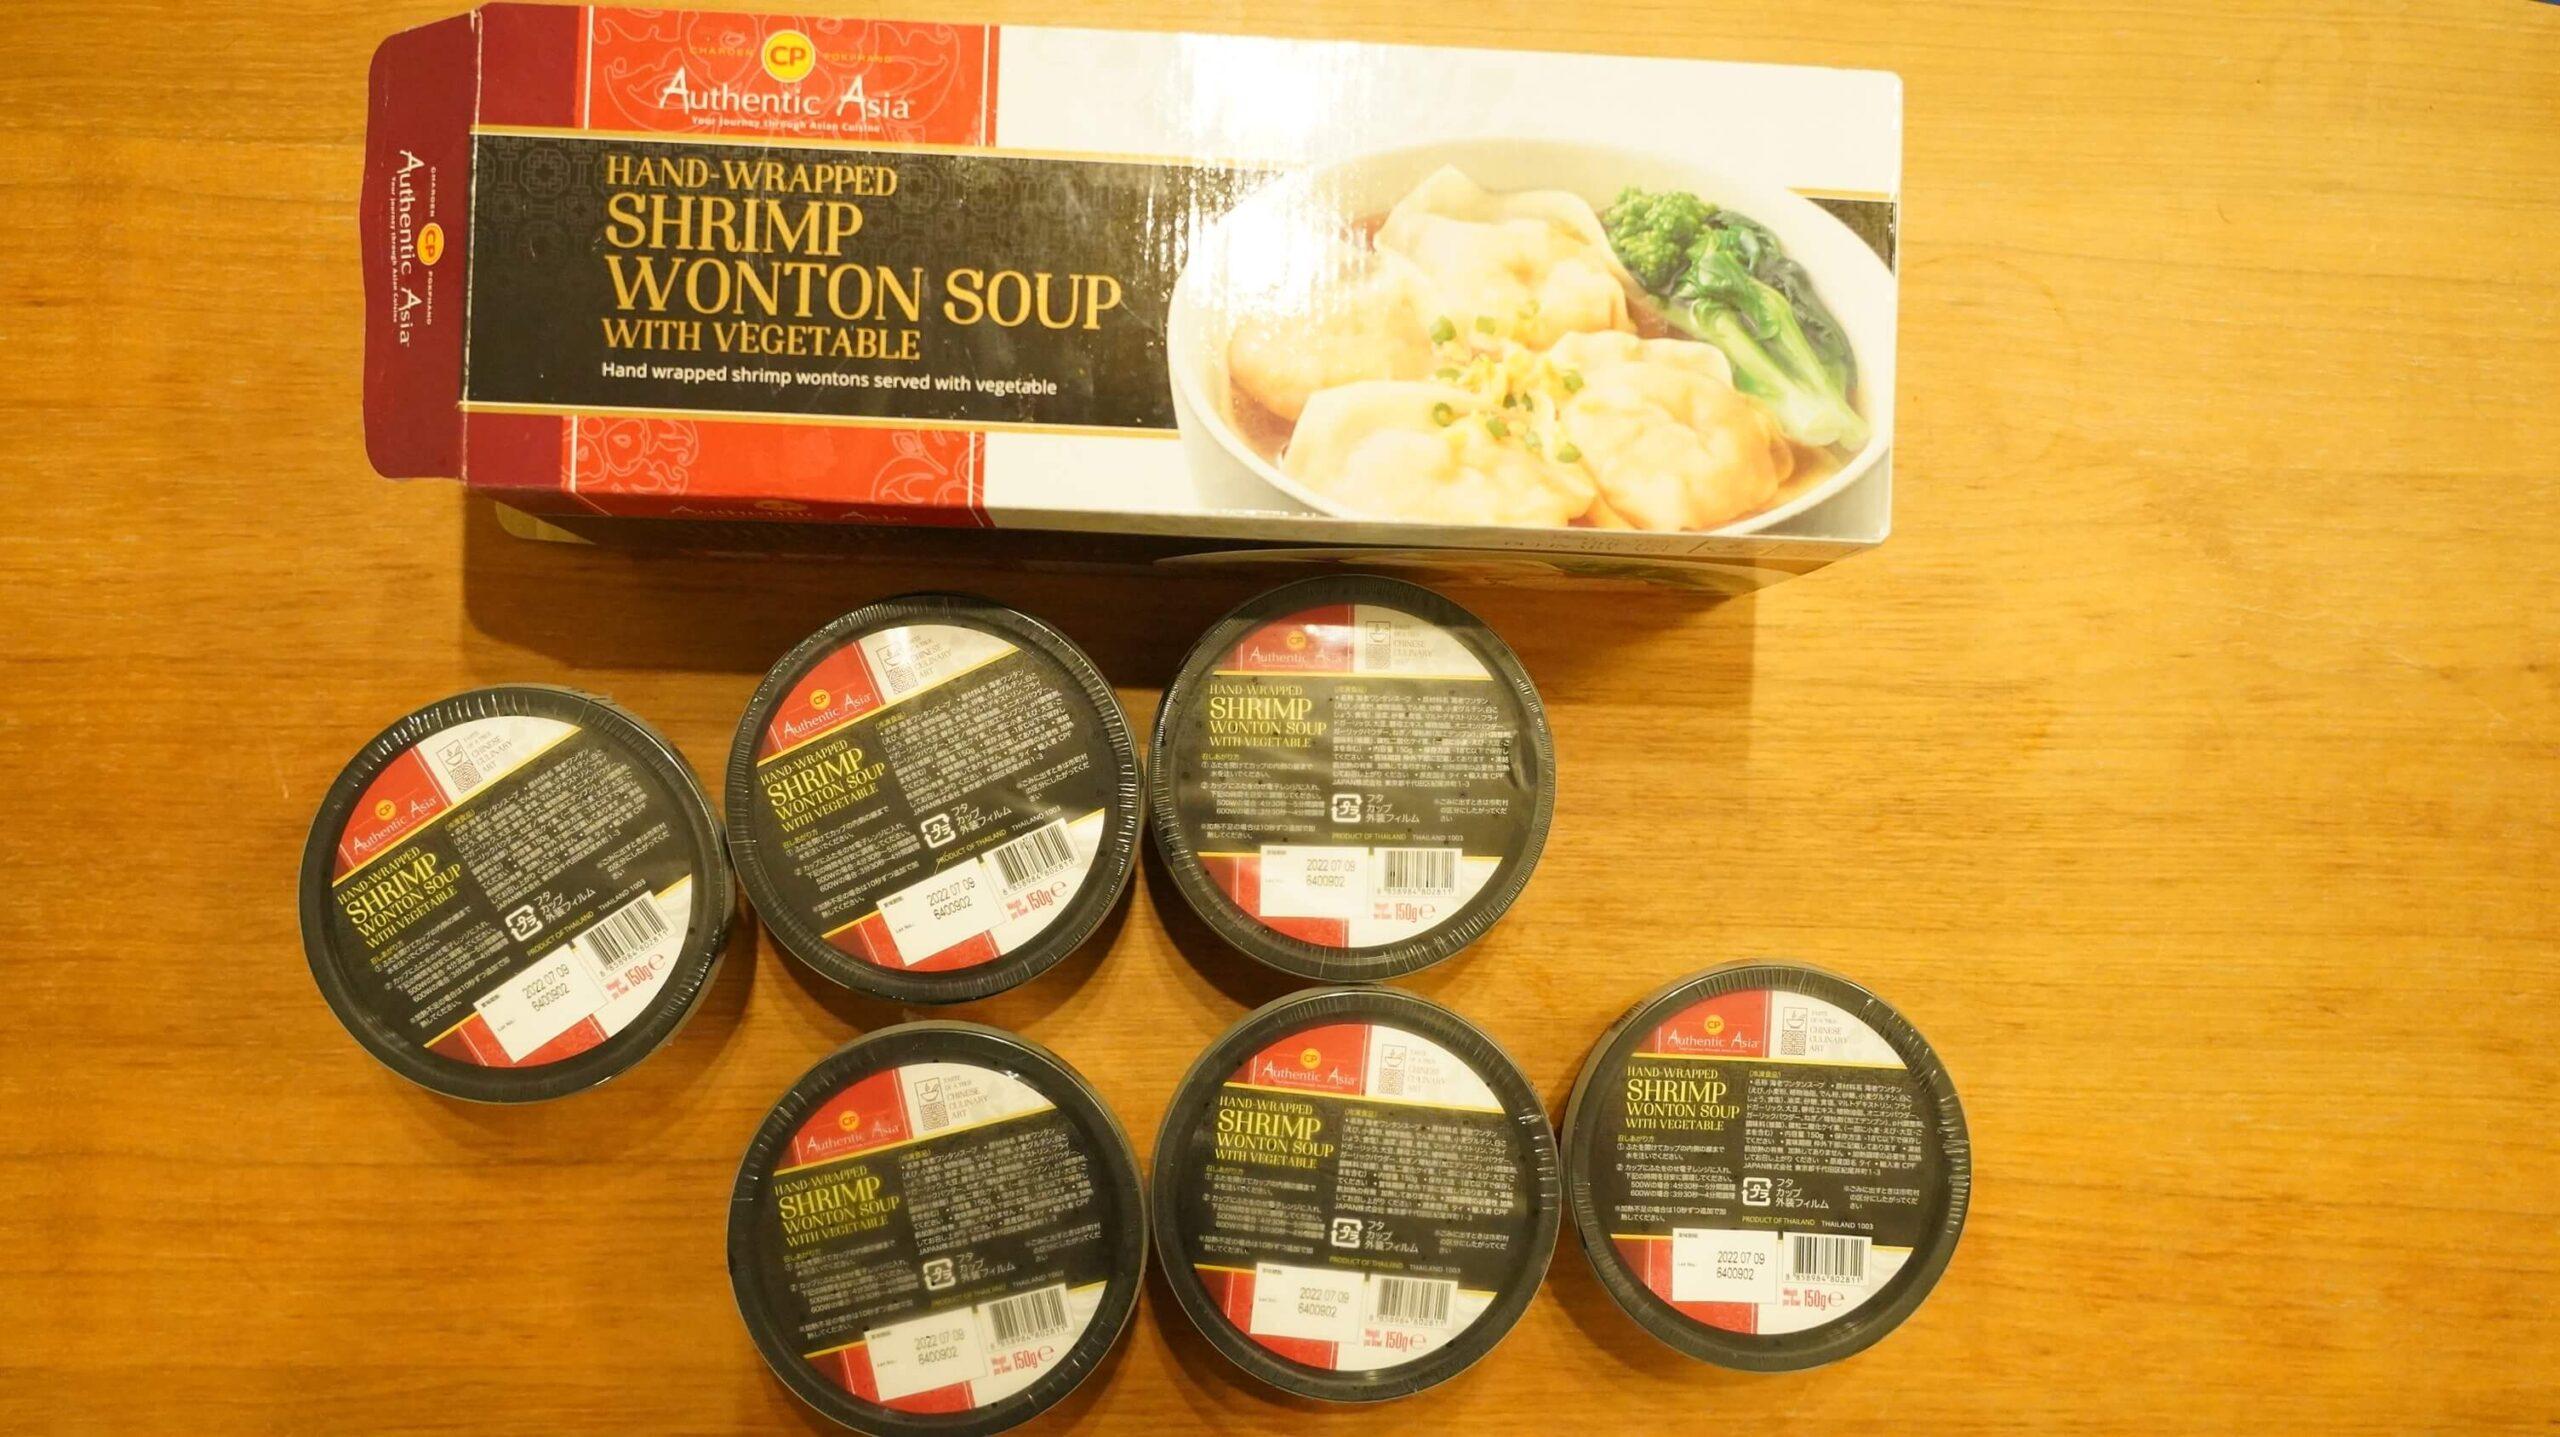 コストコの冷凍食品「海老ワンタンスープ」の箱にカップが6つ入っている様子の写真